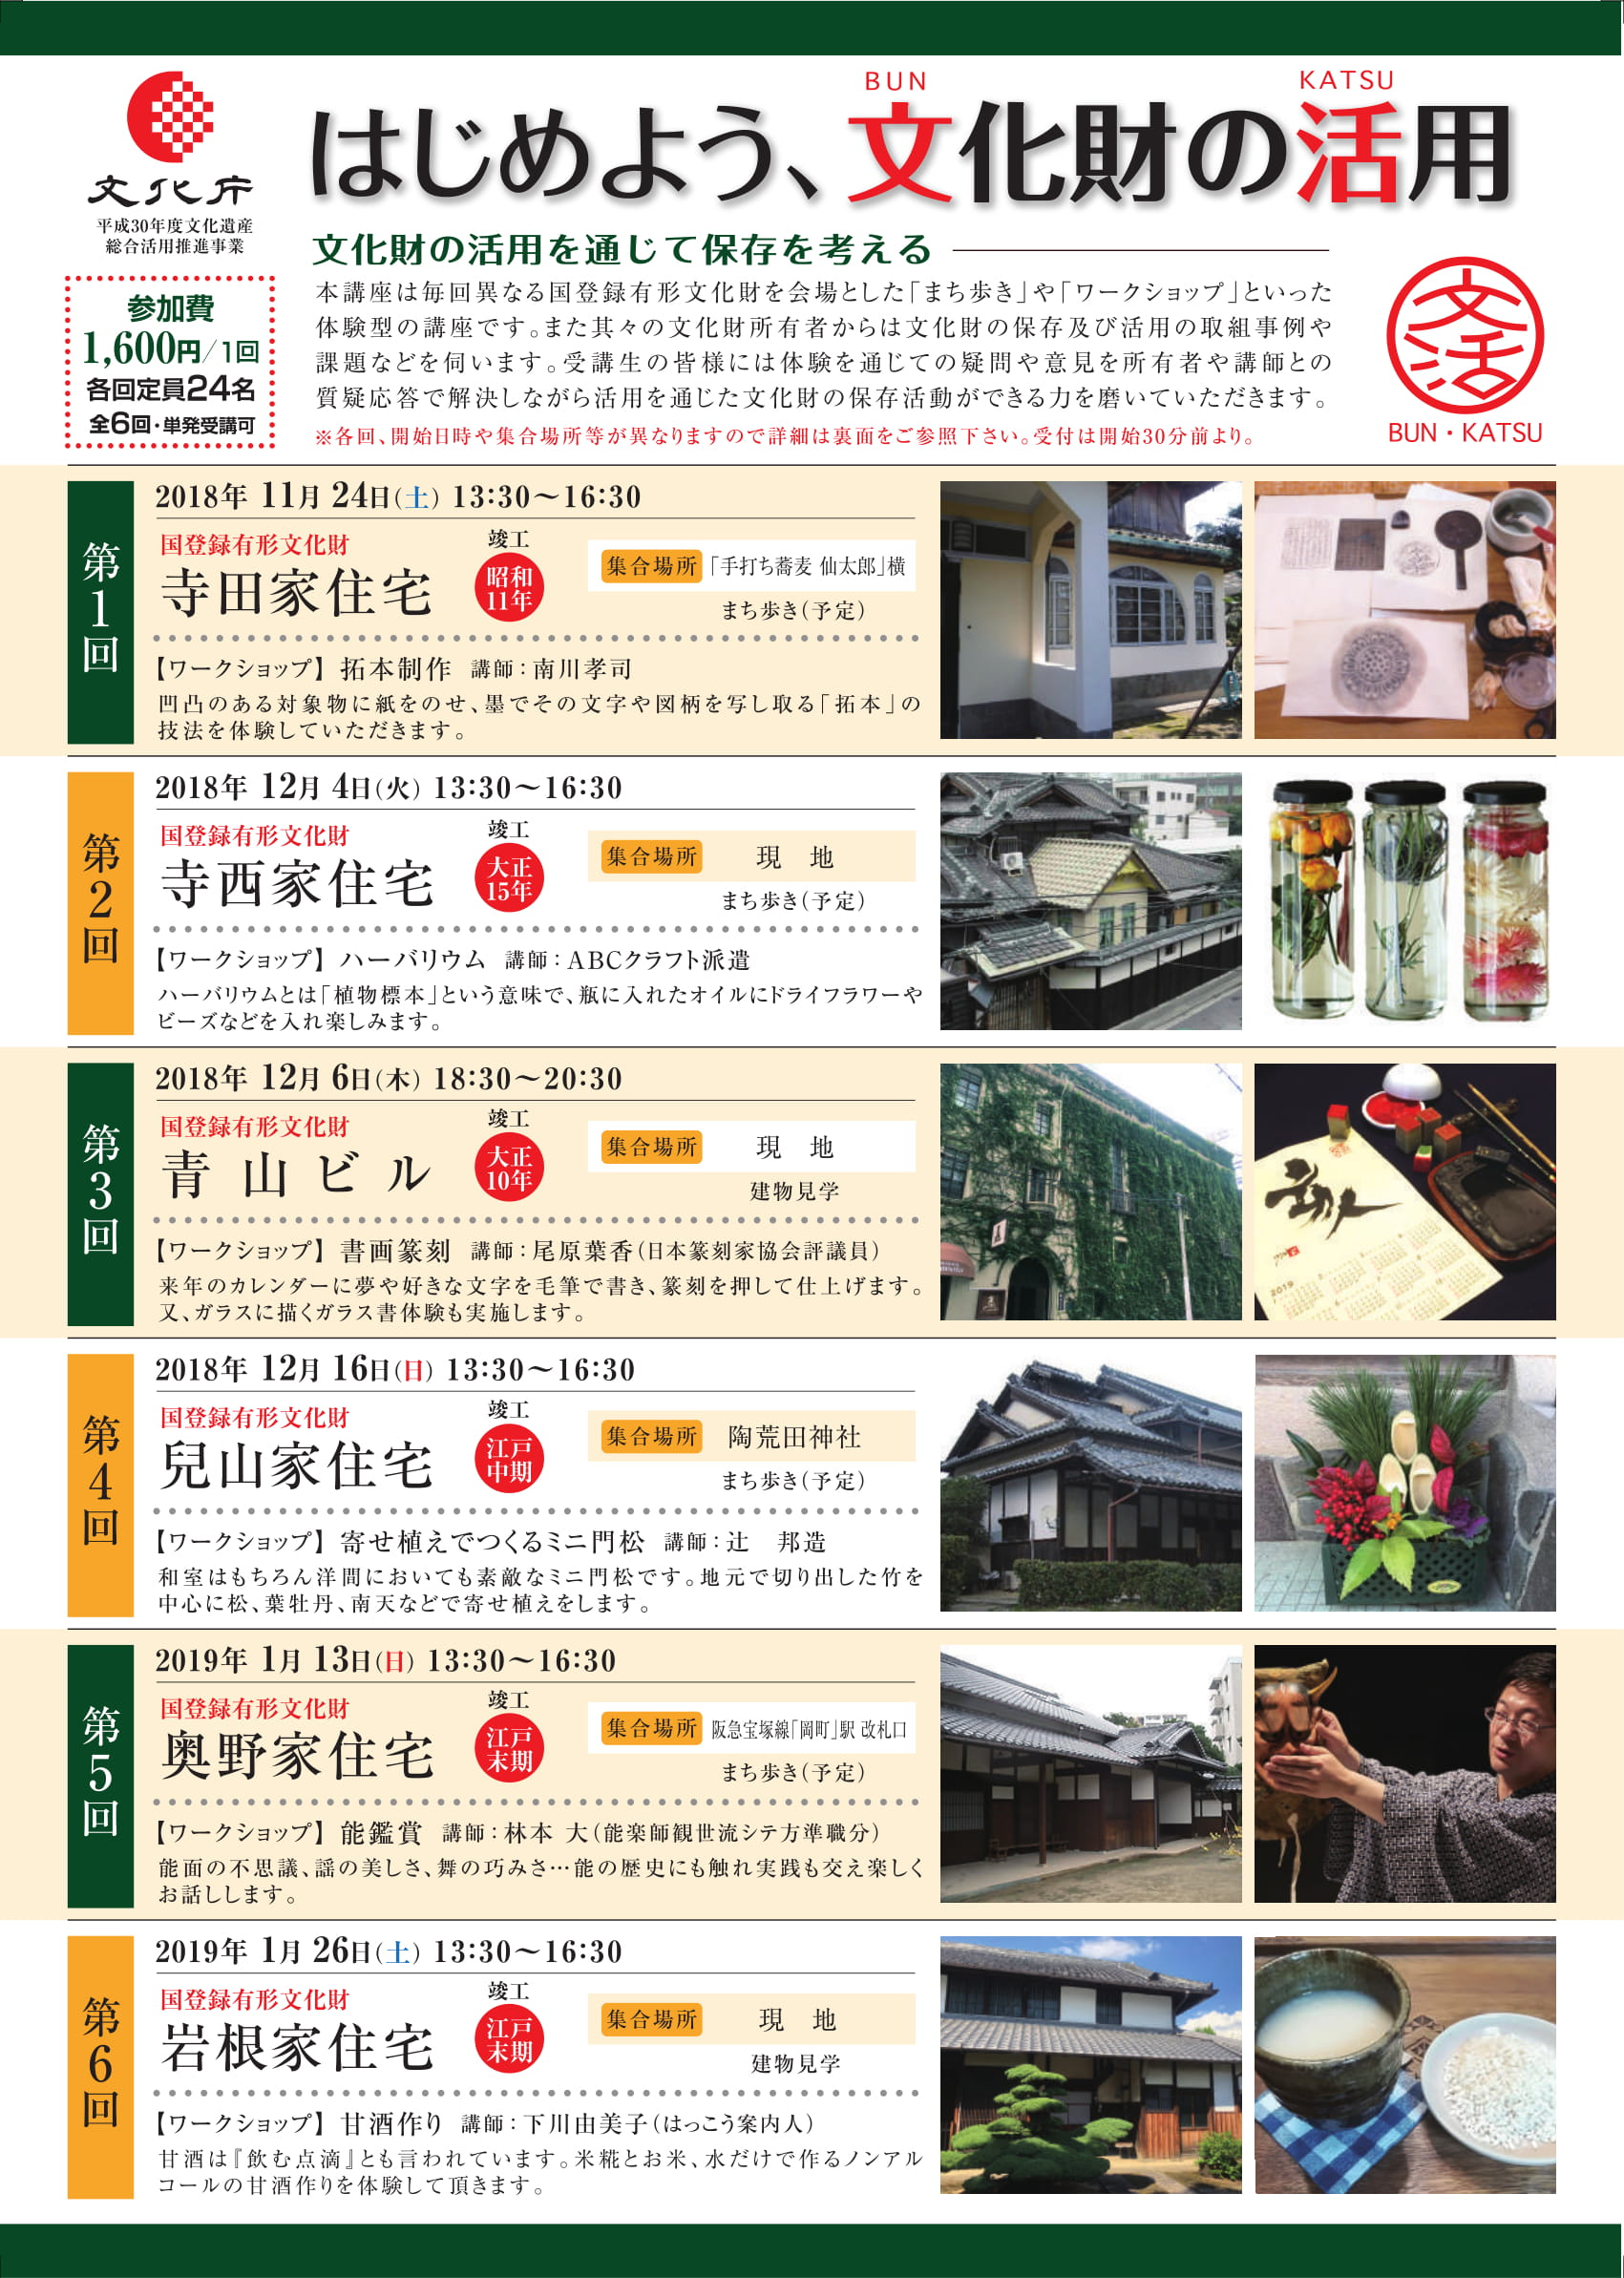 「はじめよう、文化財の活用(BUNKATSU)~文化財の活用を通じて保存を考える」平成30年12月6日(木)